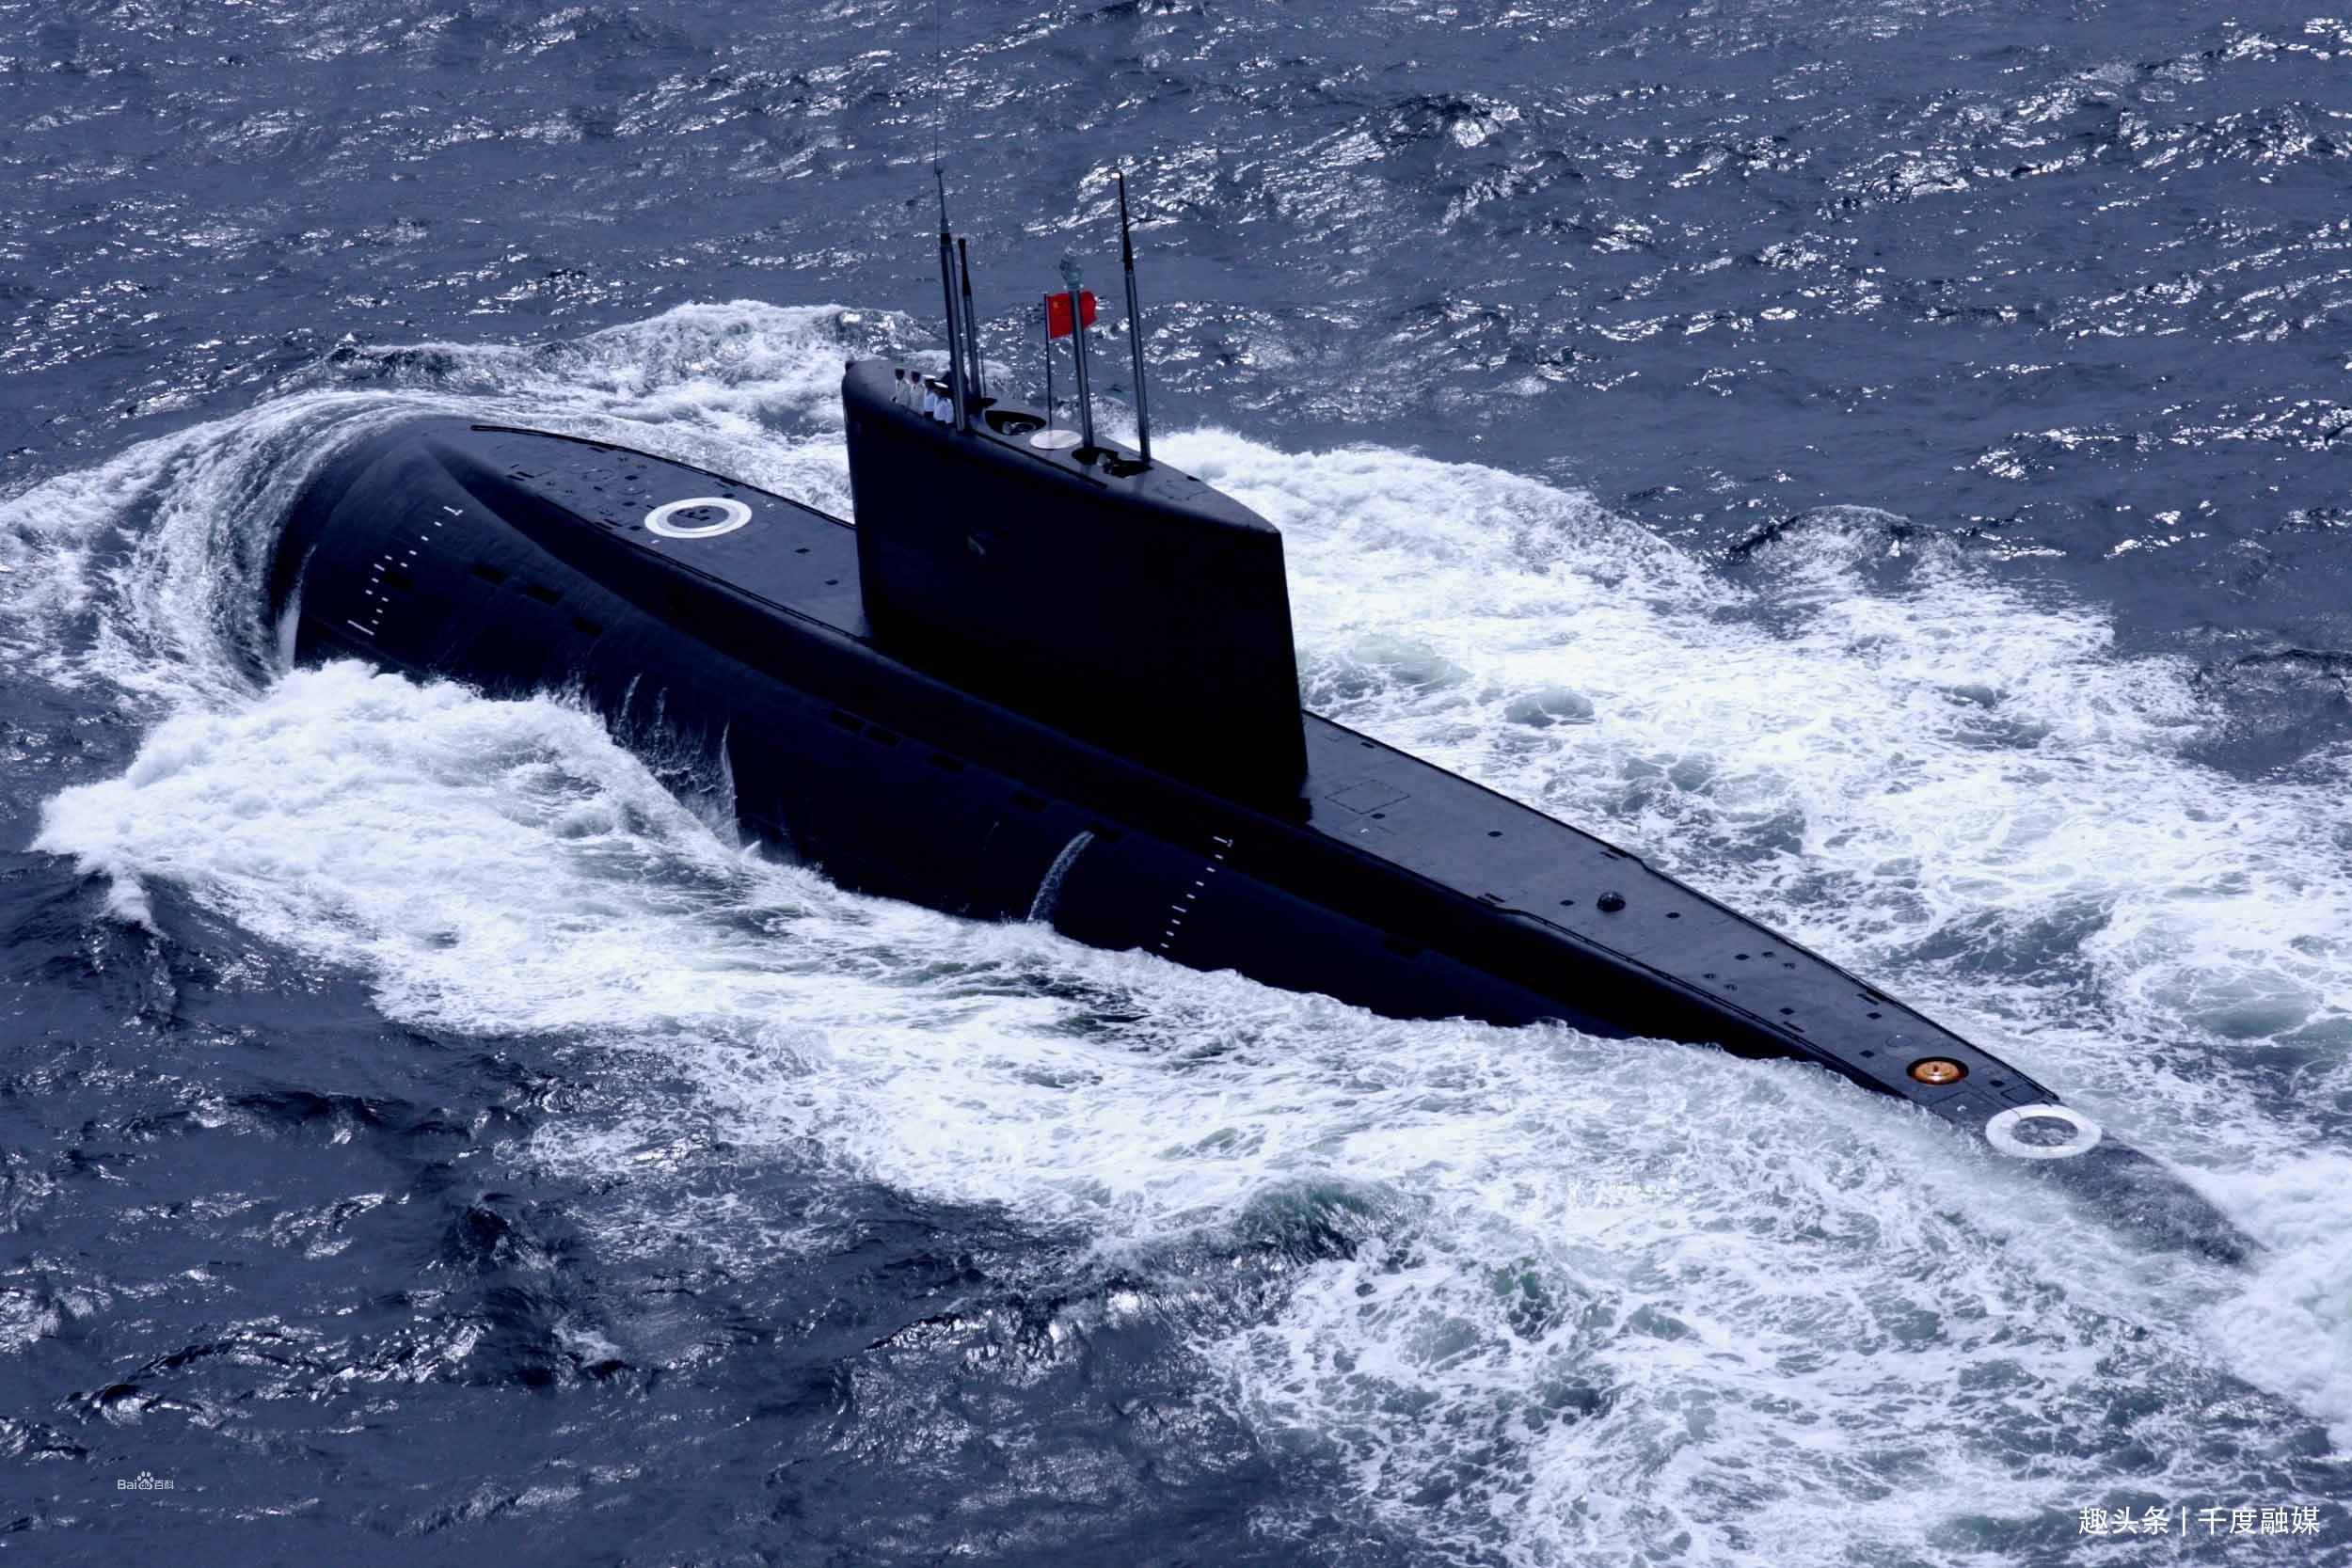 这就是亲美下场?❓❓美国共和党呼吁制裁澳洲,美澳友谊小船要翻?❓❓